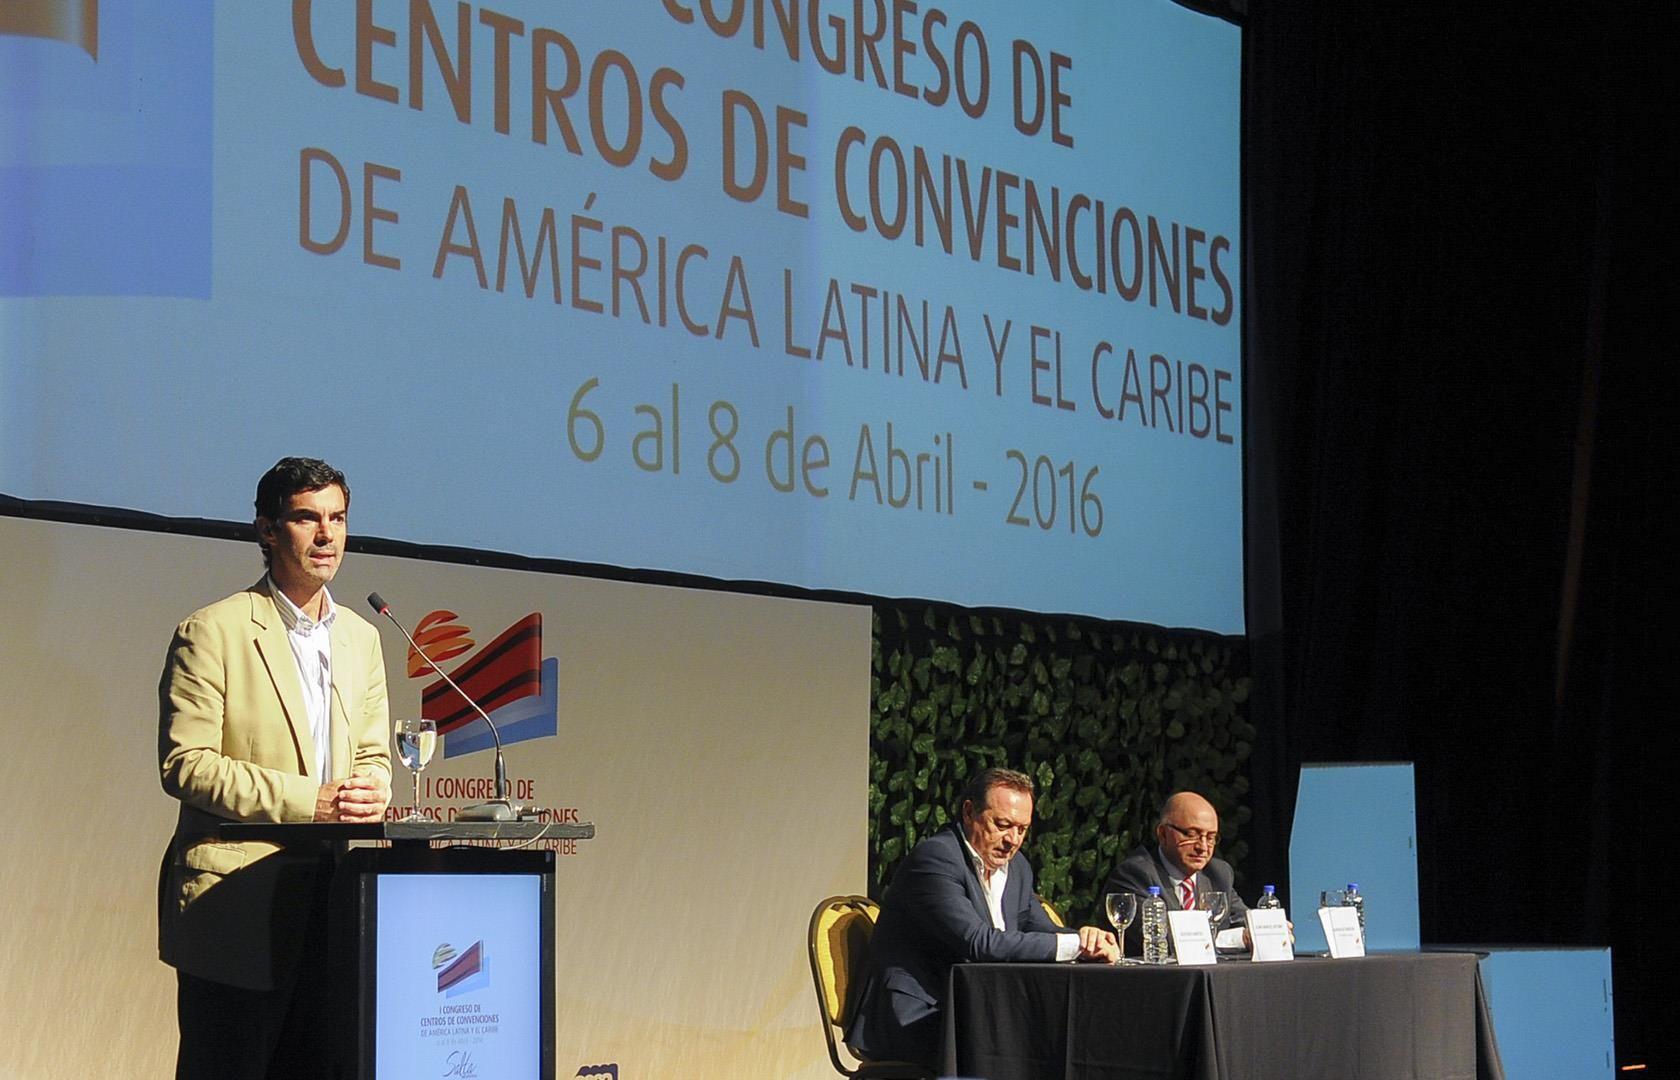 Juan Manuel Urtubey presidió el acto de cierre del primer Congreso de Centros Convenciones de América Latina y El Caribe, que se desarrolló en Salta.